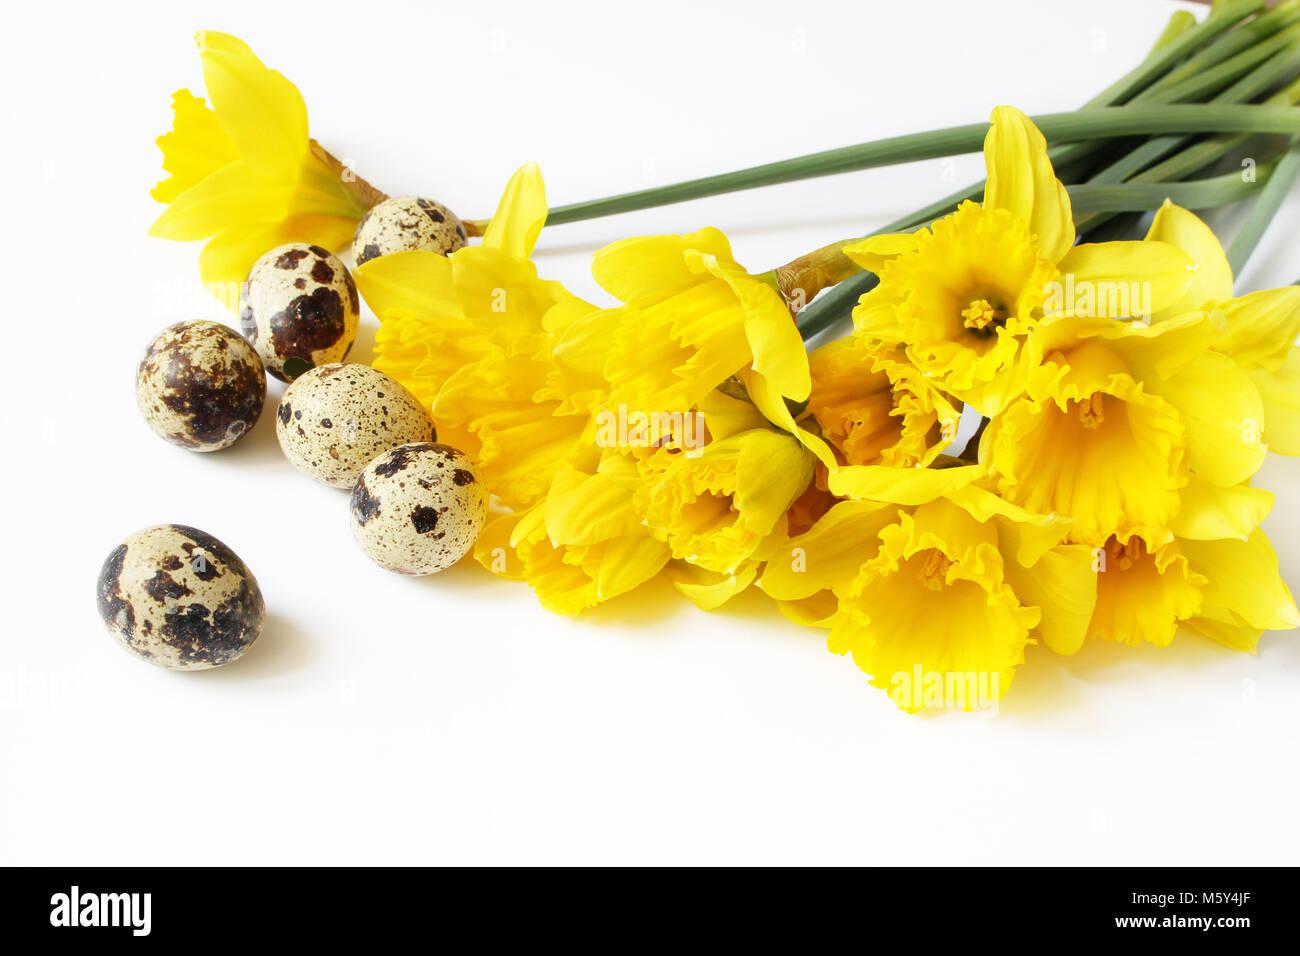 La Pascua, primavera de tarjeta de felicitación, invitación con huevos de codorniz y narcisos amarillos, Narciso Flores blanco acostado en la tabla. Stock de Foto de estilo femenino, composición floral. Foto de stock